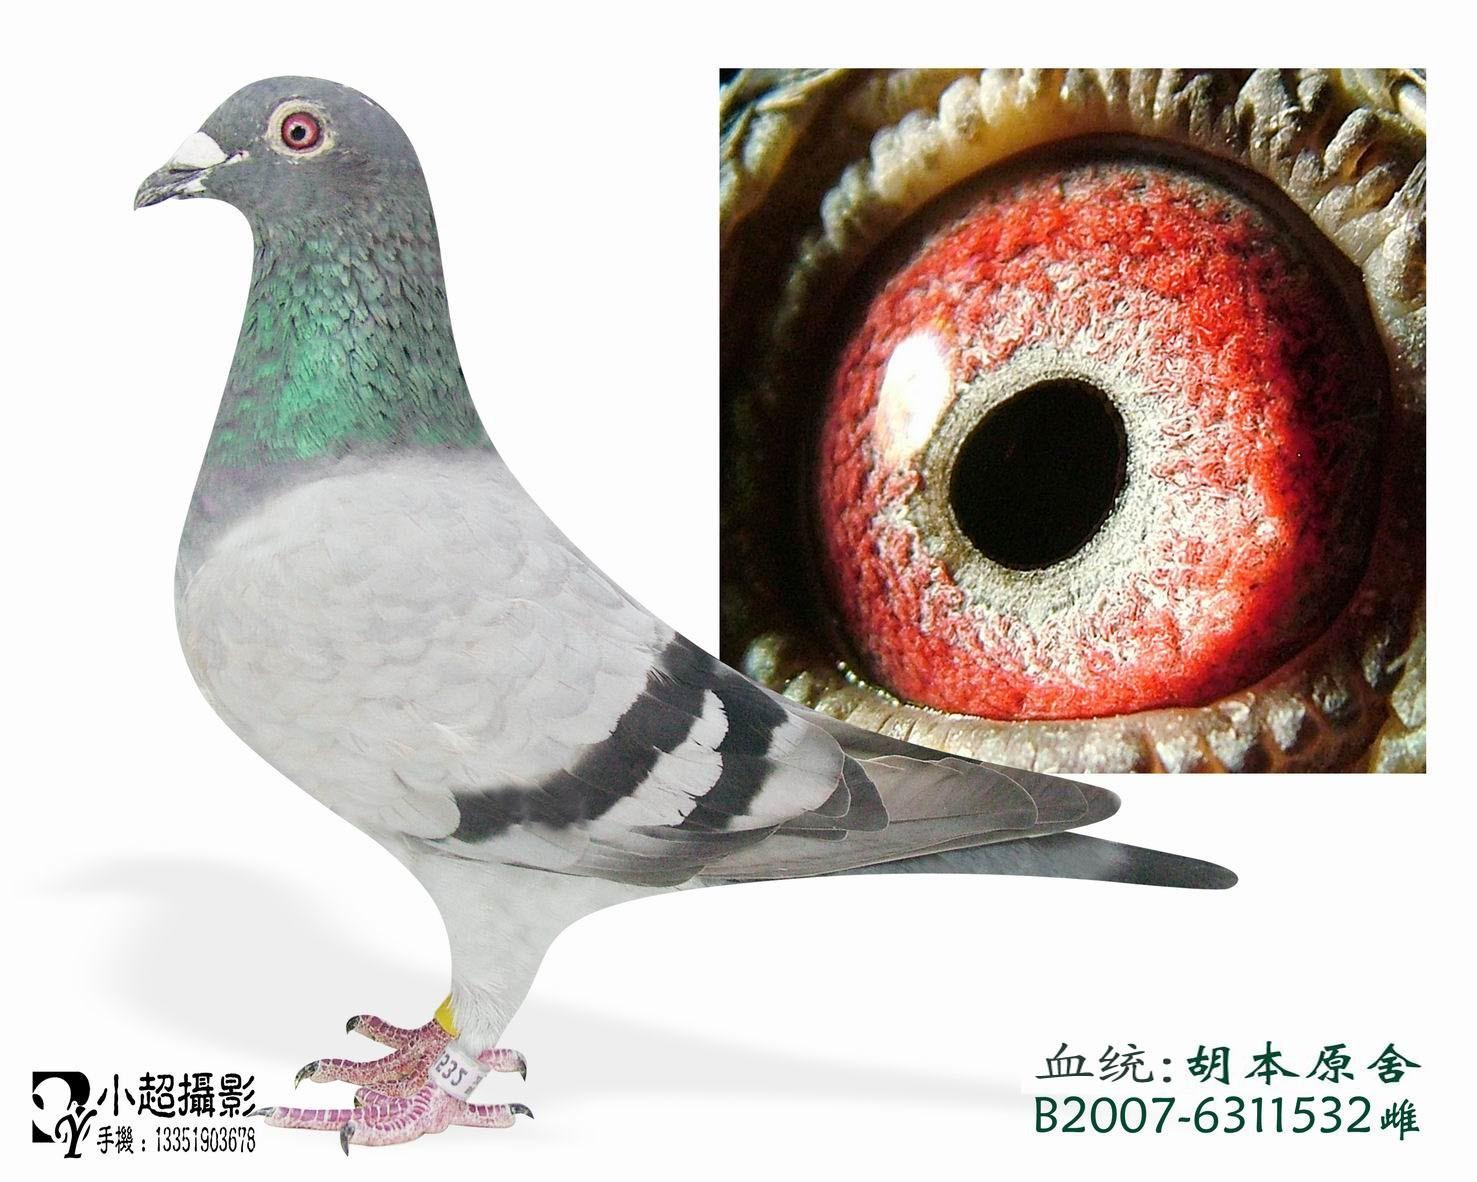 吉林省榆树市友祥名人赛鸽俱乐部相册--中国信鸽信息